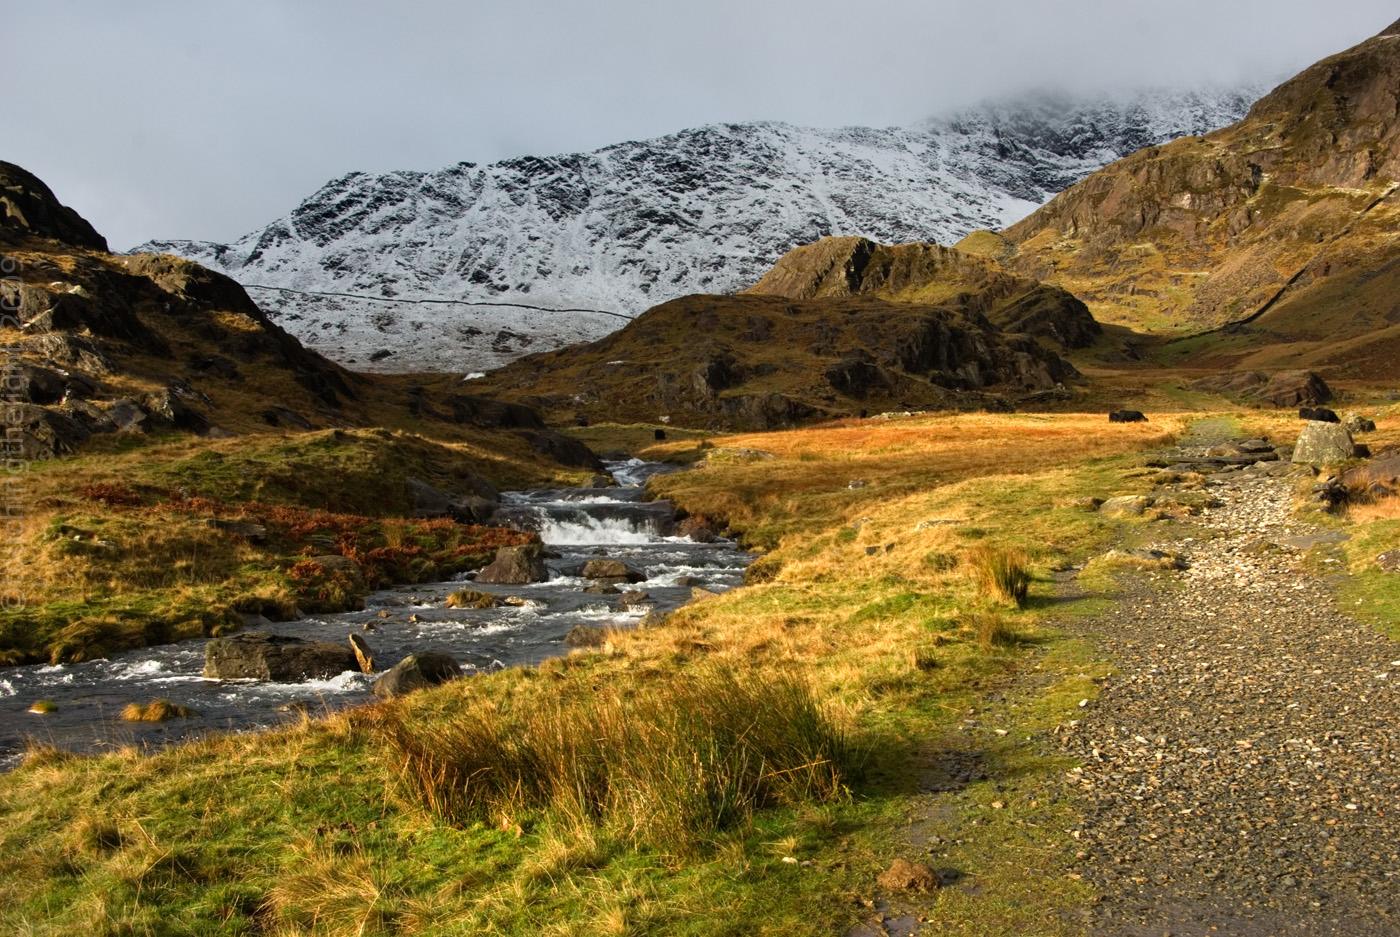 Cwm Llan towards Yr Wyddfa, Snowdonia National Park